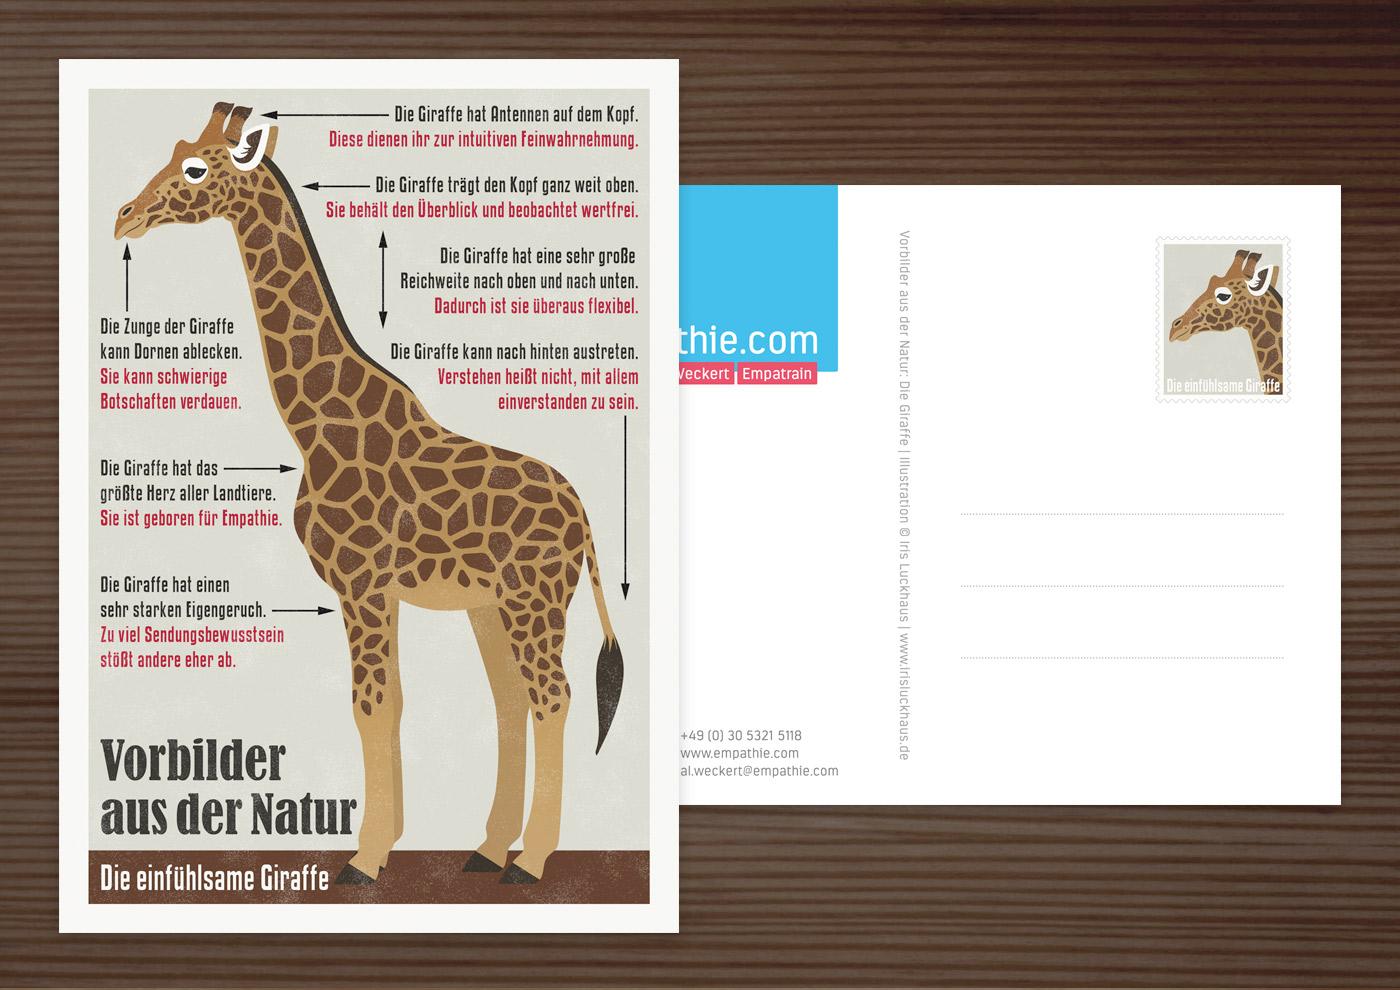 Postkarte mit Retro Infografik Die einfühlsame Giraffe für den Empathie-Trainer EmpaTrain